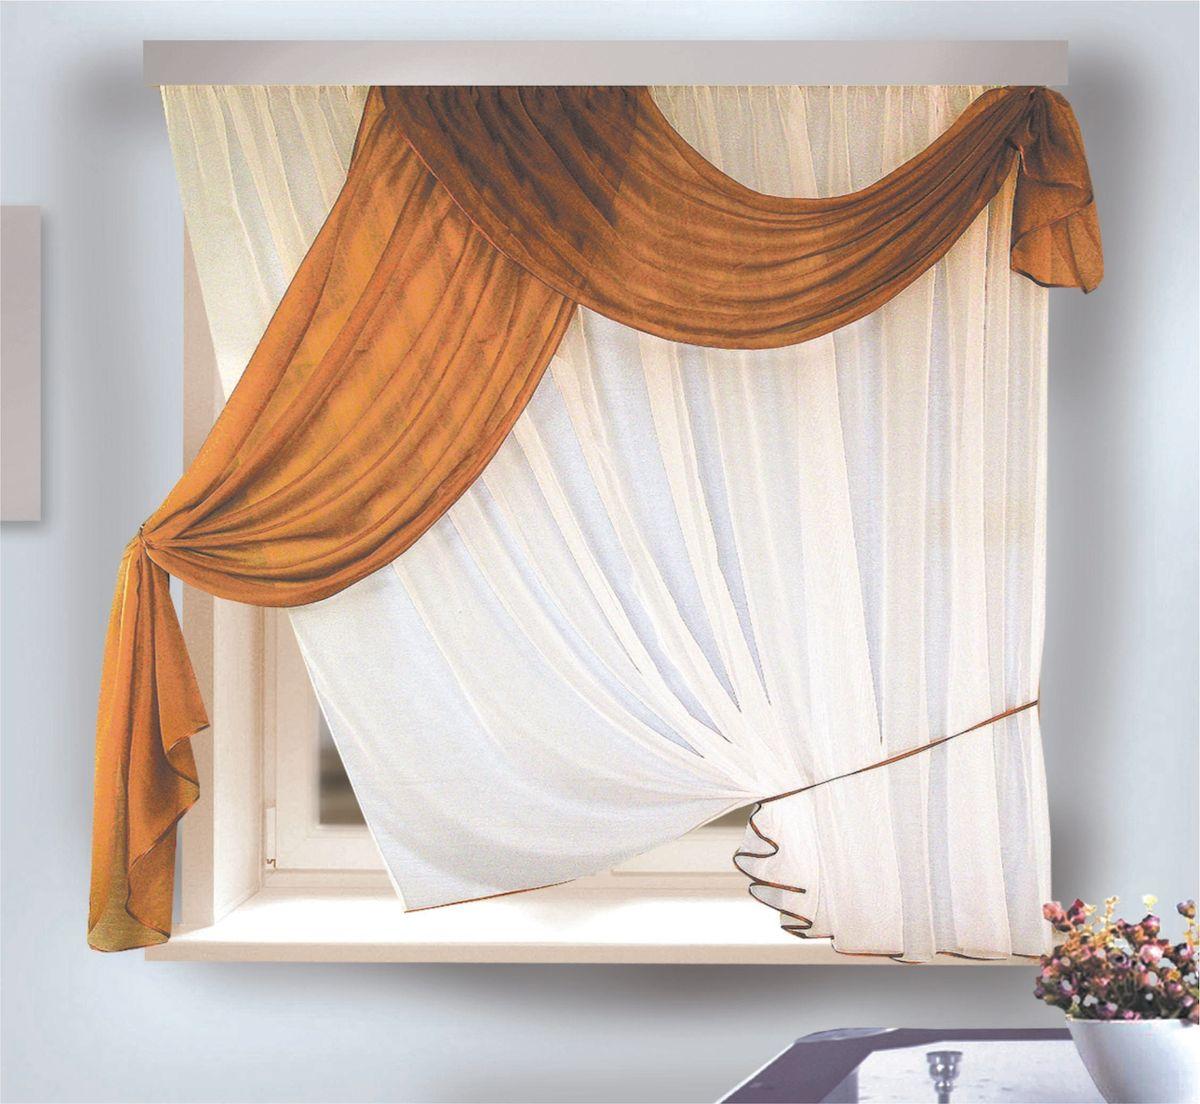 Комплект штор для кухни Zlata Korunka, на ленте, цвет: белый, коричневый, высота 170 см. 33331153797_ЛЮВЕРСЫКомплект штор для кухни Zlata Korunka, выполненный из полиэстера, великолепно украсит любое окно. Комплект состоит из тюля, ламбрекена и трех подхватов (2 из них пришиты к тюлю). Оригинальный дизайн и приятная цветовая гамма привлекут к себе внимание и органично впишутся в интерьер помещения. Этот комплект будет долгое время радовать вас и вашу семью!Комплект крепится на карниз при помощи ленты, которая поможет красиво и равномерно задрапировать верх.В комплект входит: Ламбрекен: 1 шт. Размер (Ш х В): 90 х 170 см. Тюль: 1 шт. Размер (Ш х В): 280 х 170 см.Подхват: 3 шт.